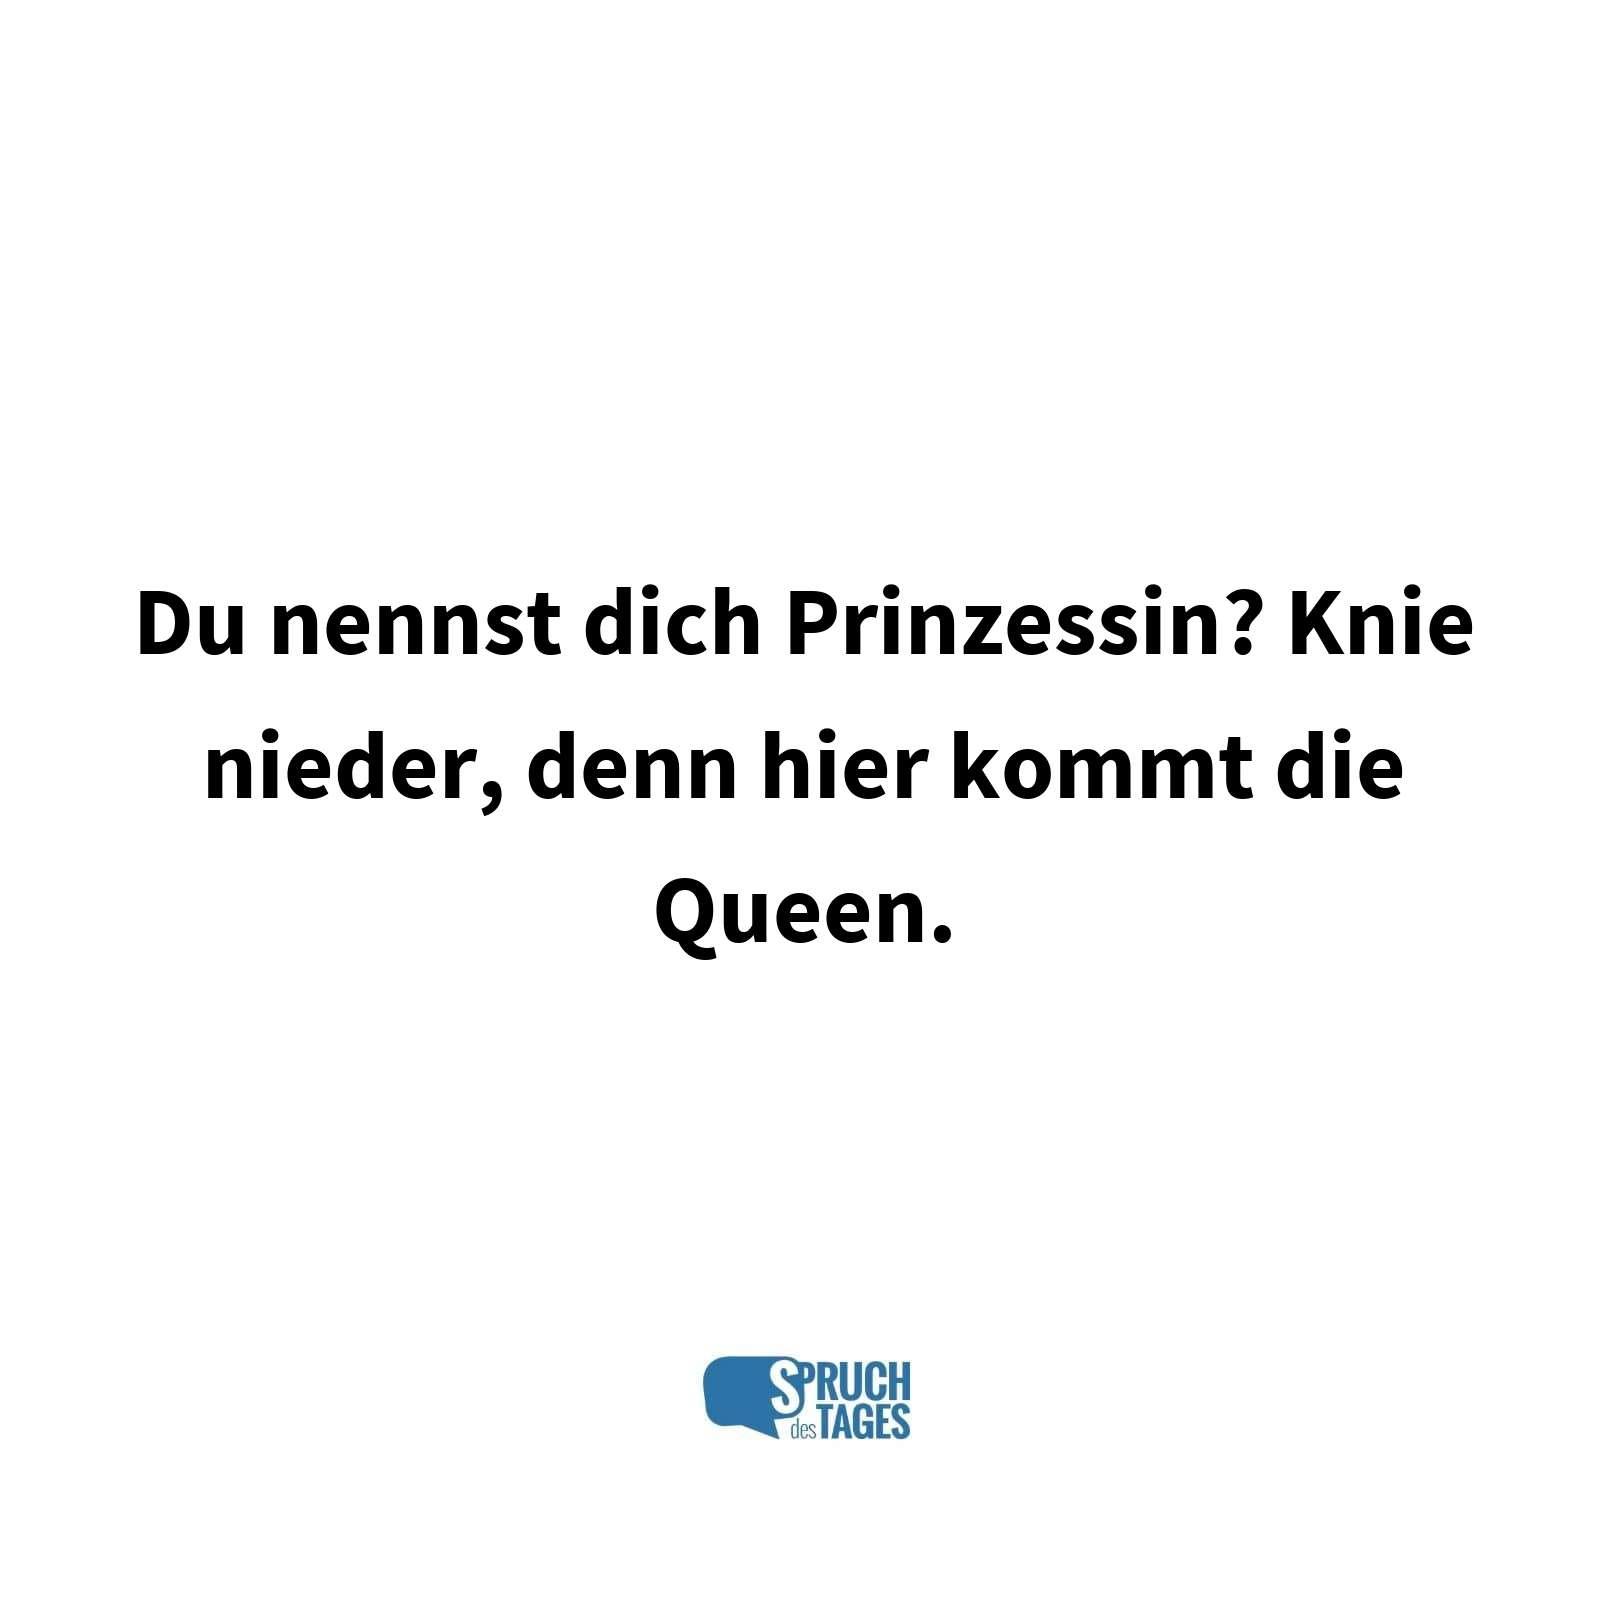 queen sprüche Du nennst dich Prinzessin? Knie nieder, denn hier kommt die Queen. queen sprüche